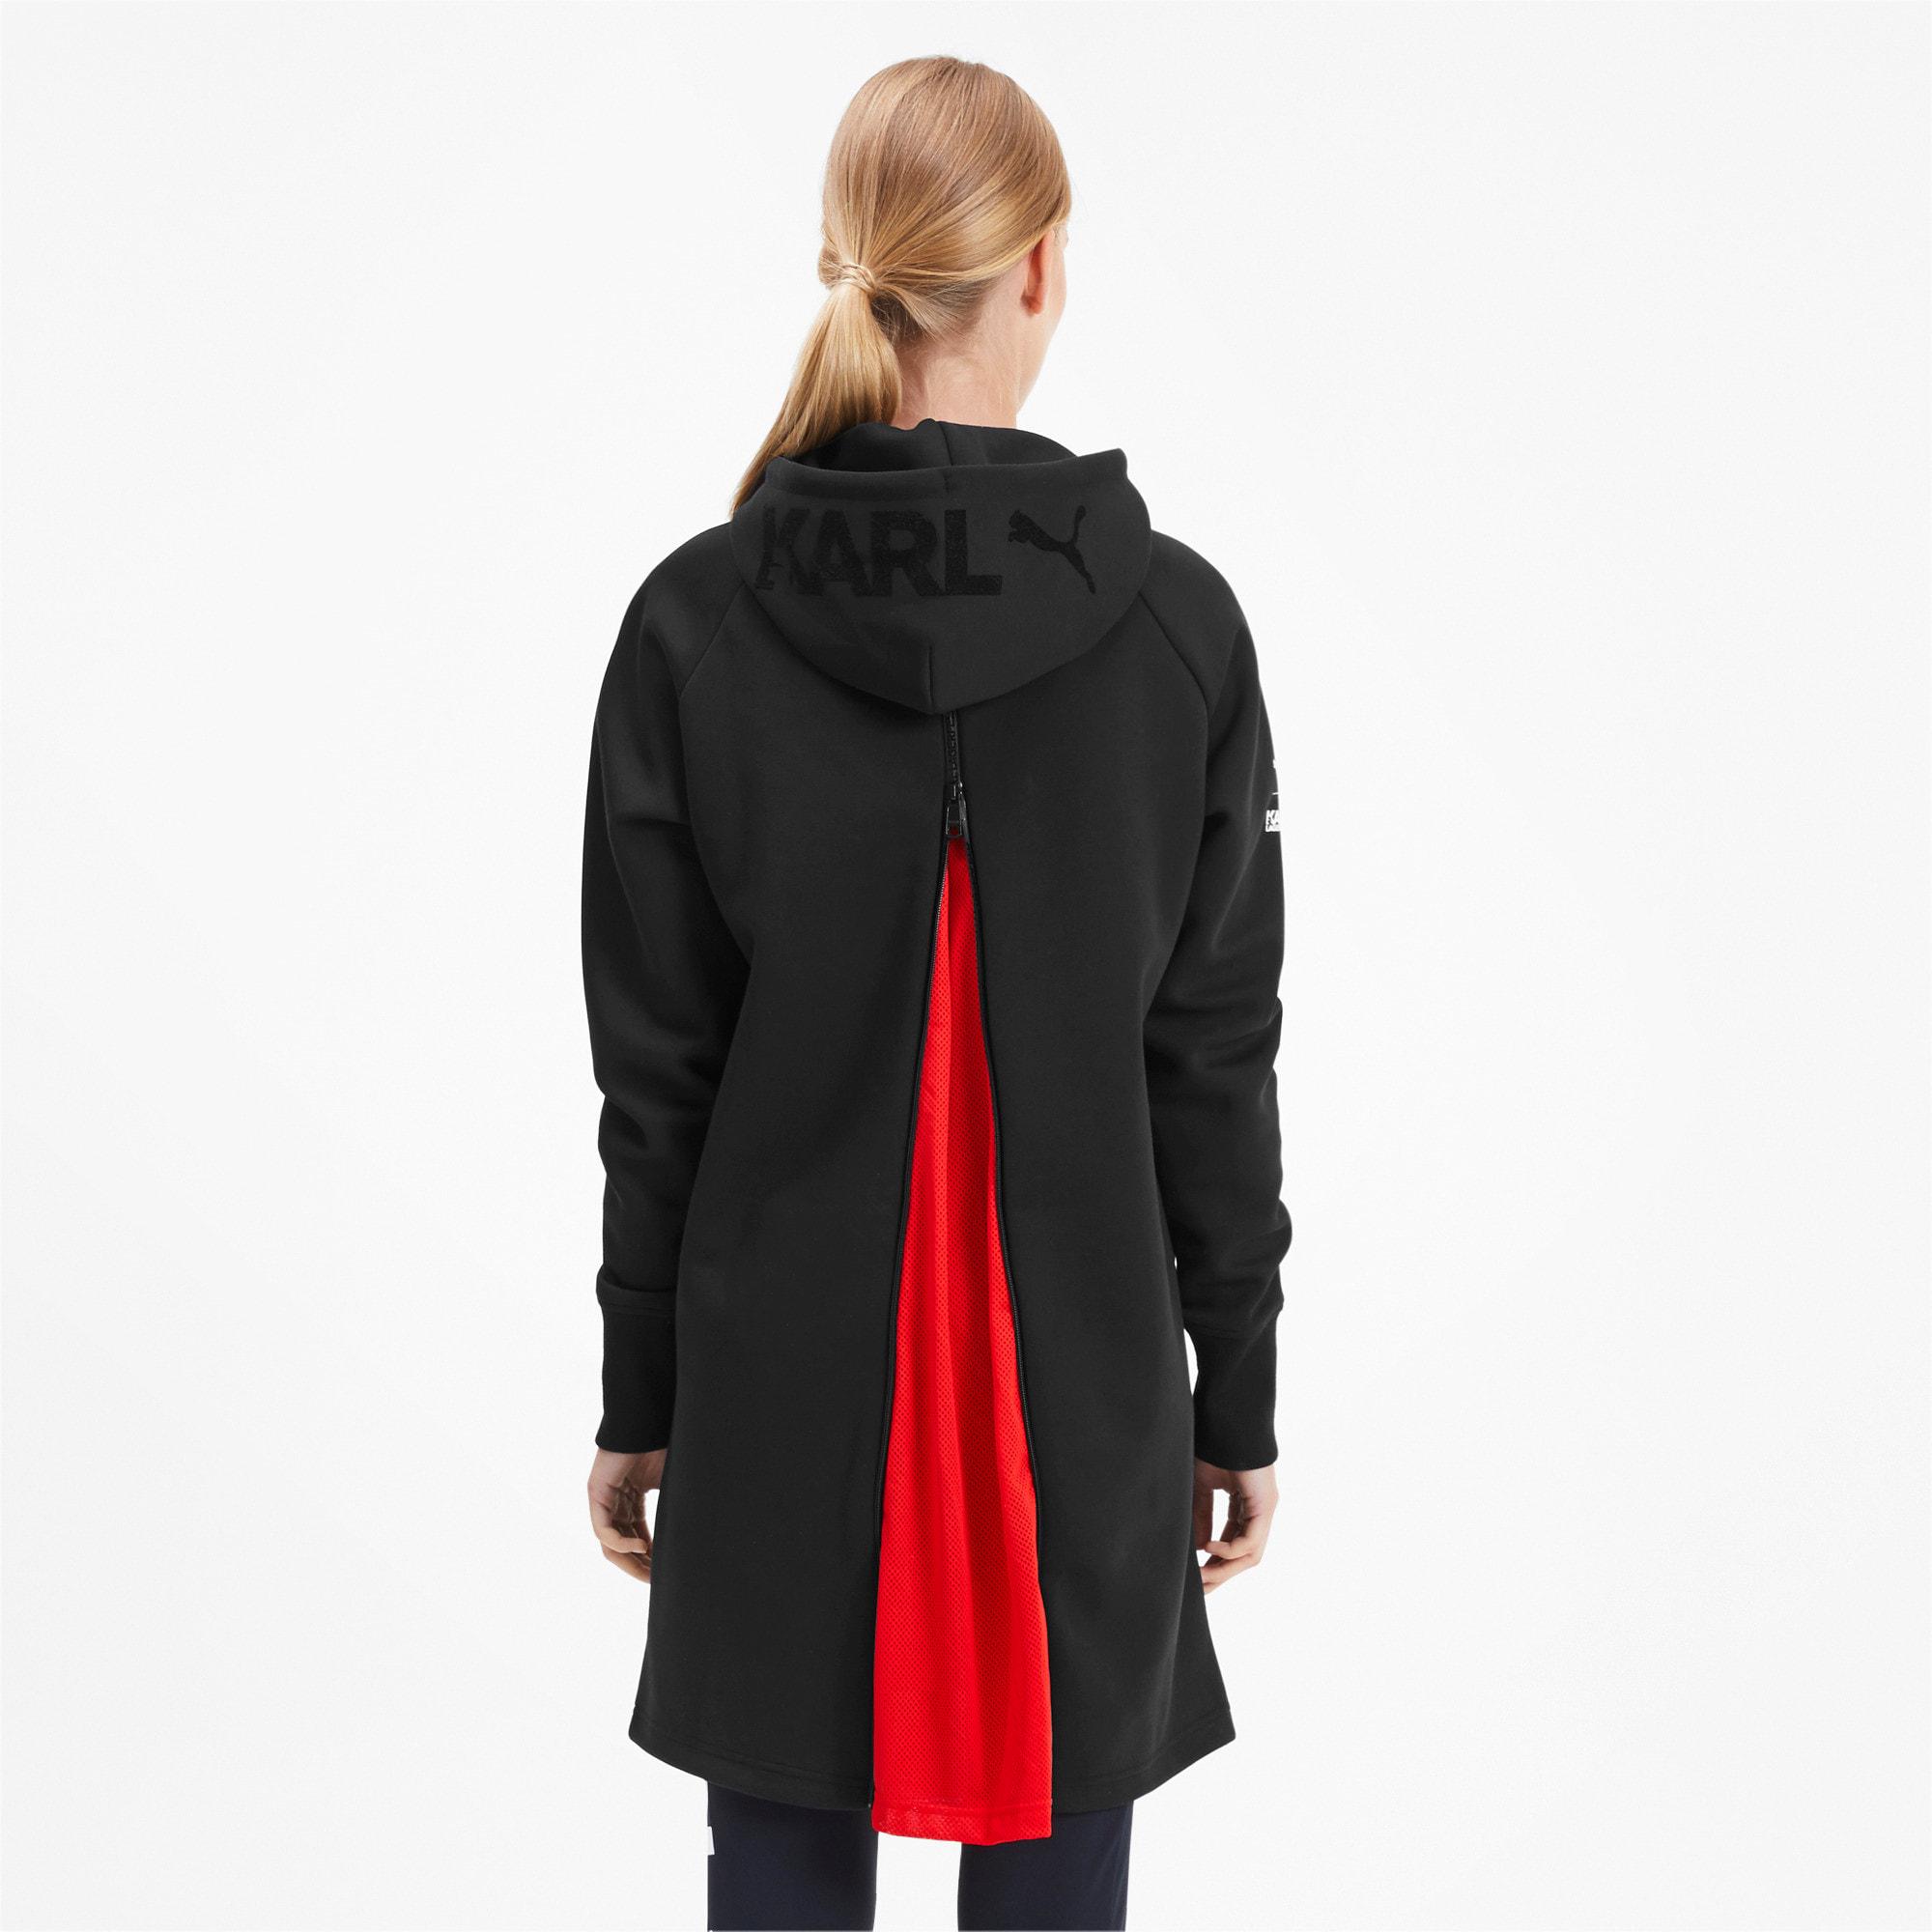 Thumbnail 3 of PUMA x KARL LAGERFELD Women's Hooded Dress, Puma Black, medium